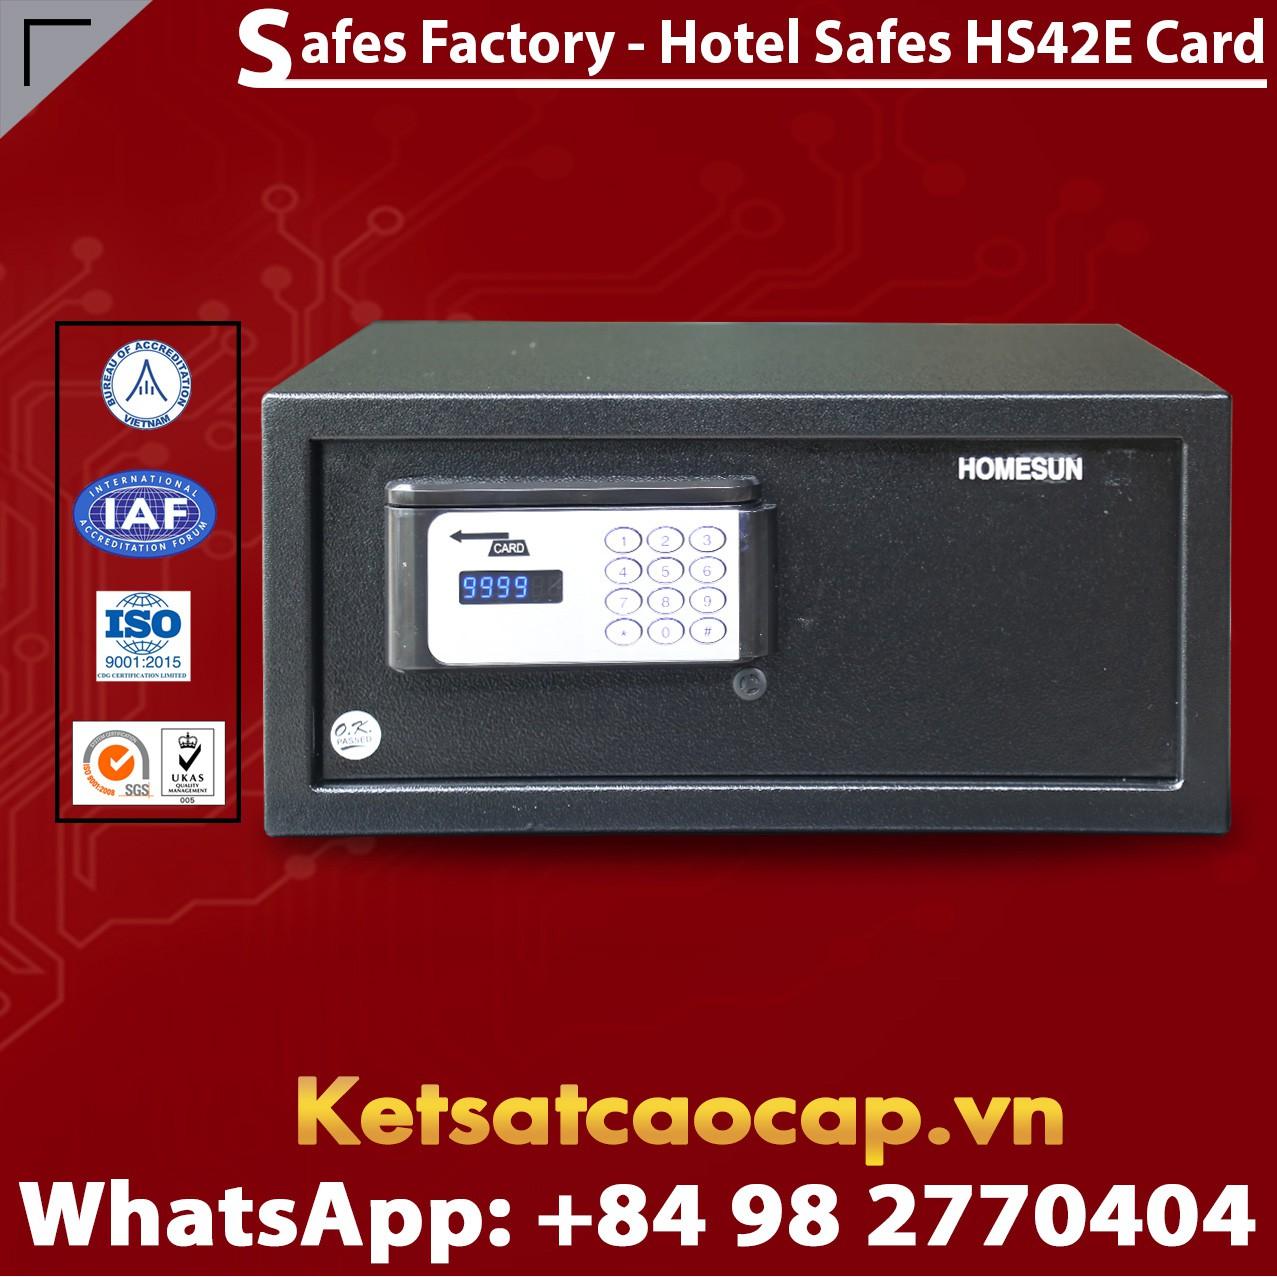 Két Sắt Khách Sạn Hotel Safes HOMESUN HS42 E Card